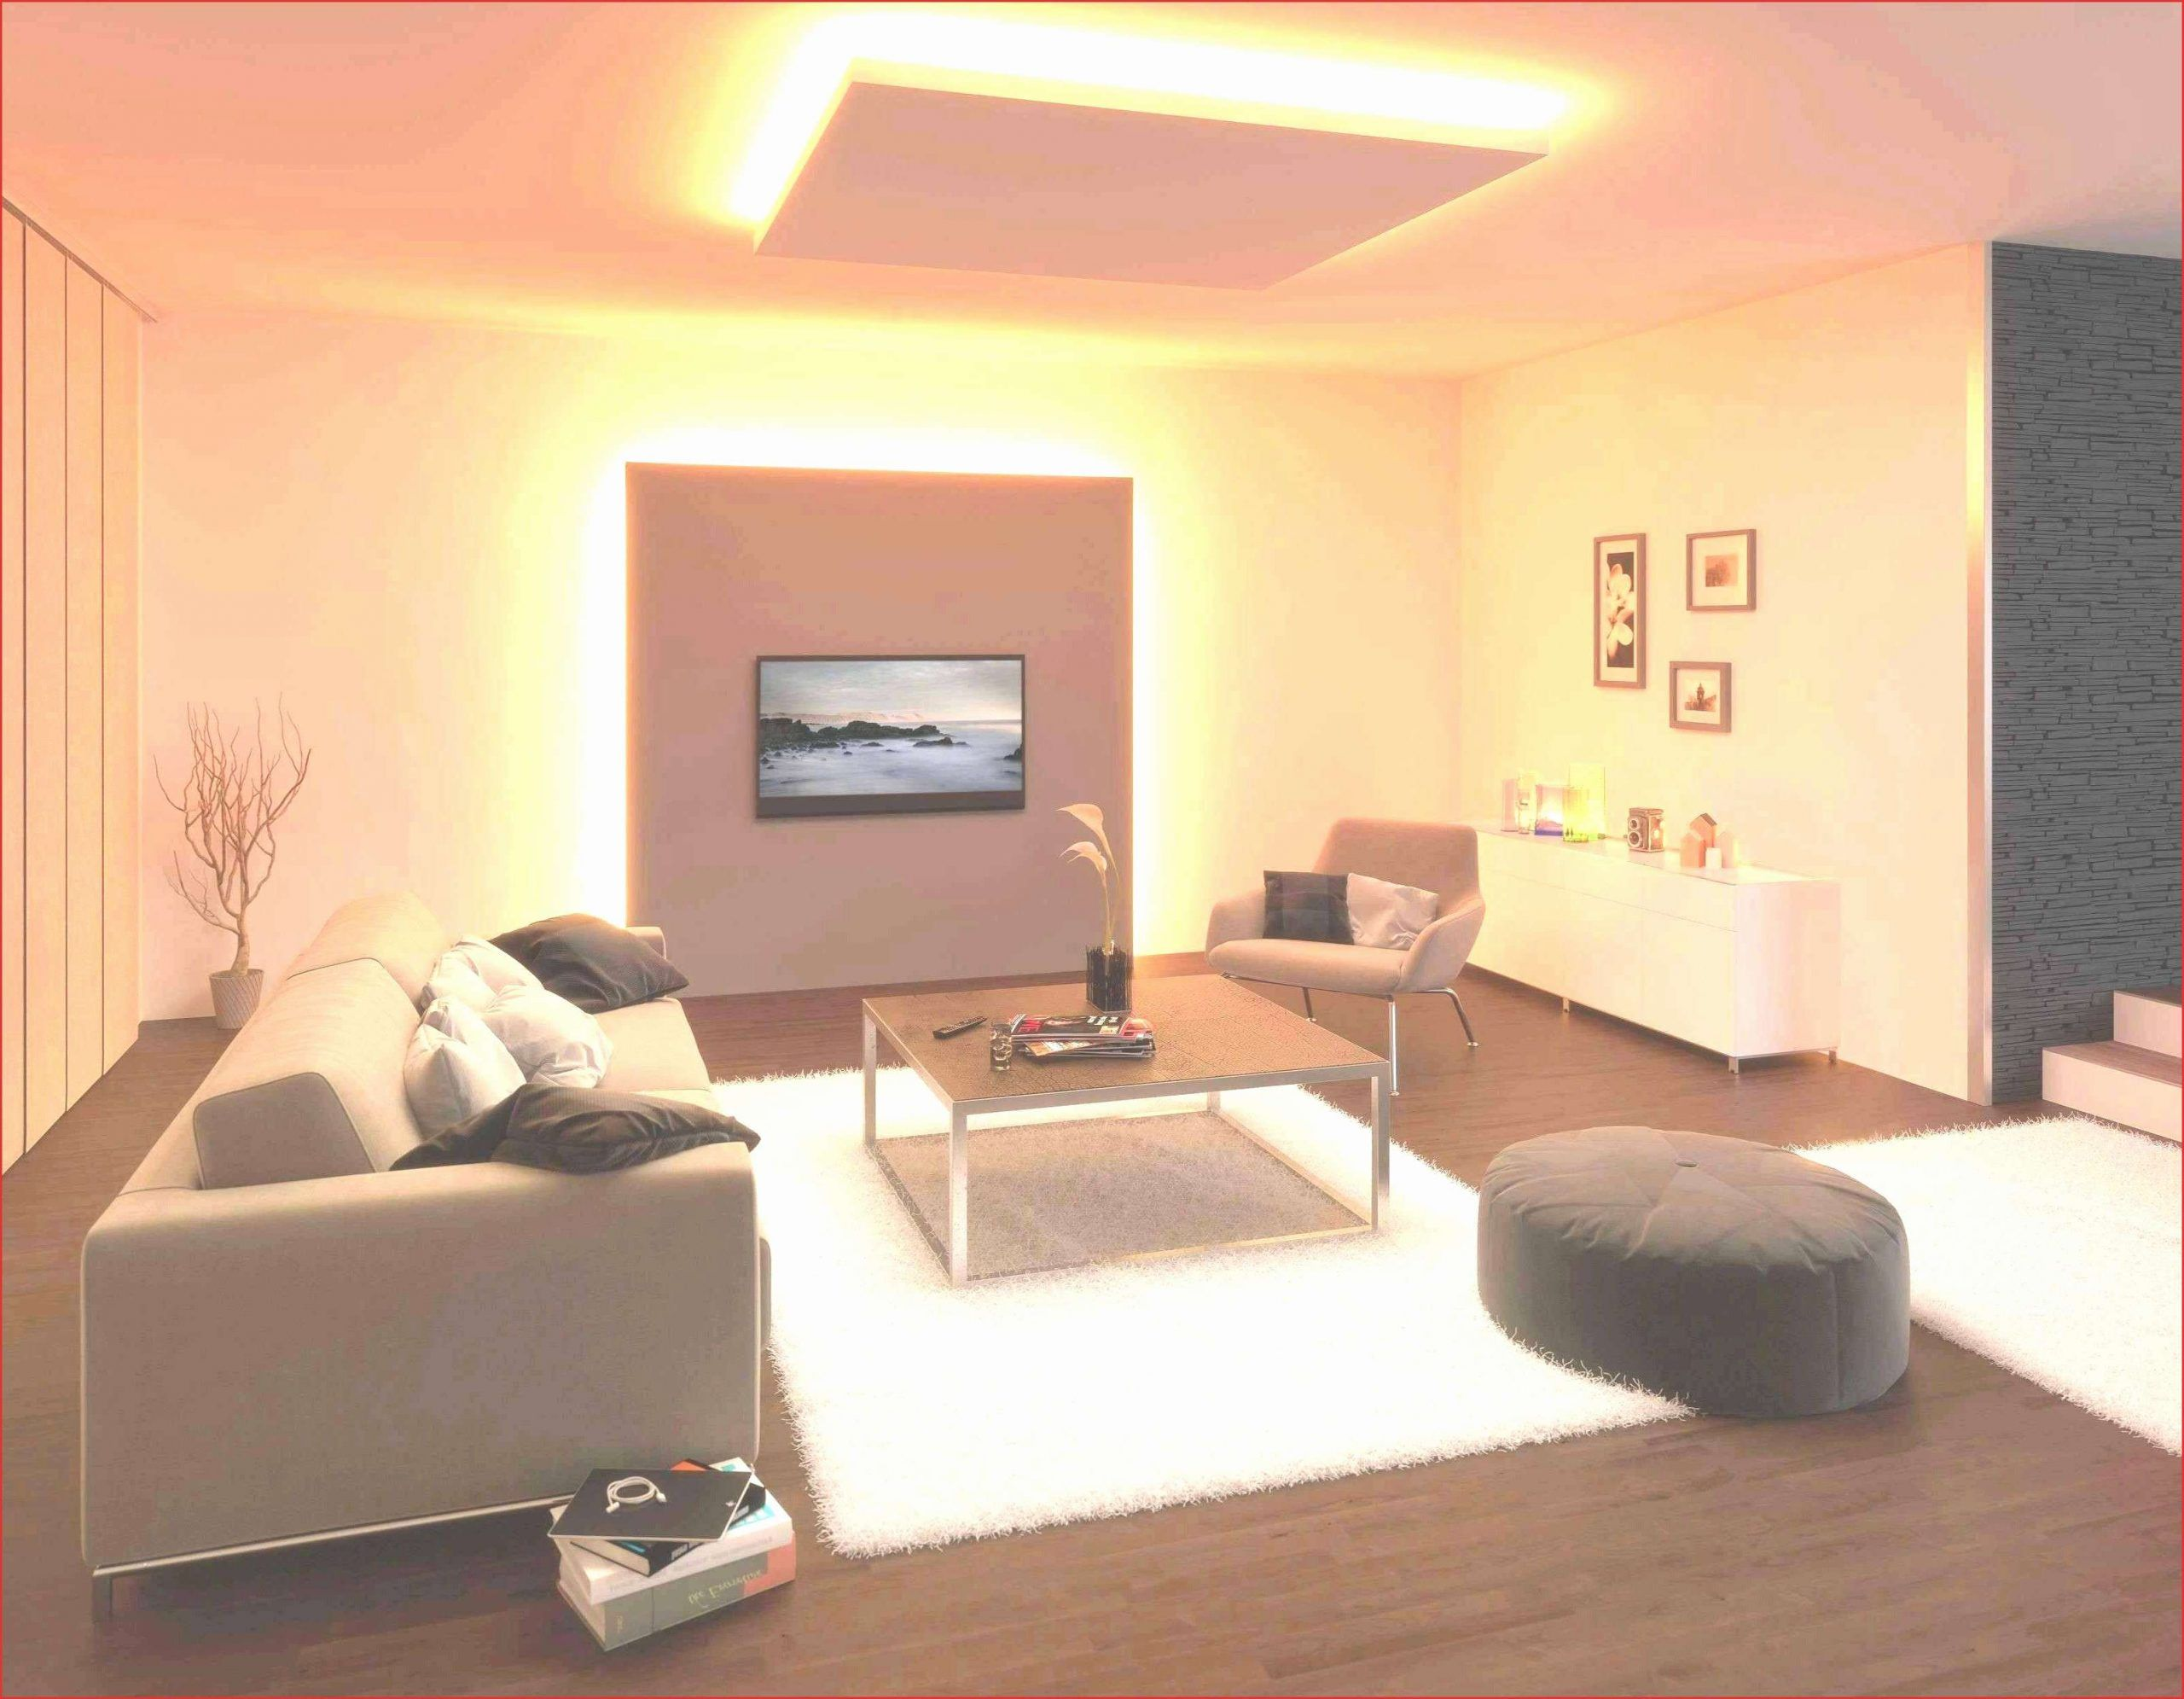 20 Led Beleuchtung Wohnzimmer Ideen Ideas Di 2020